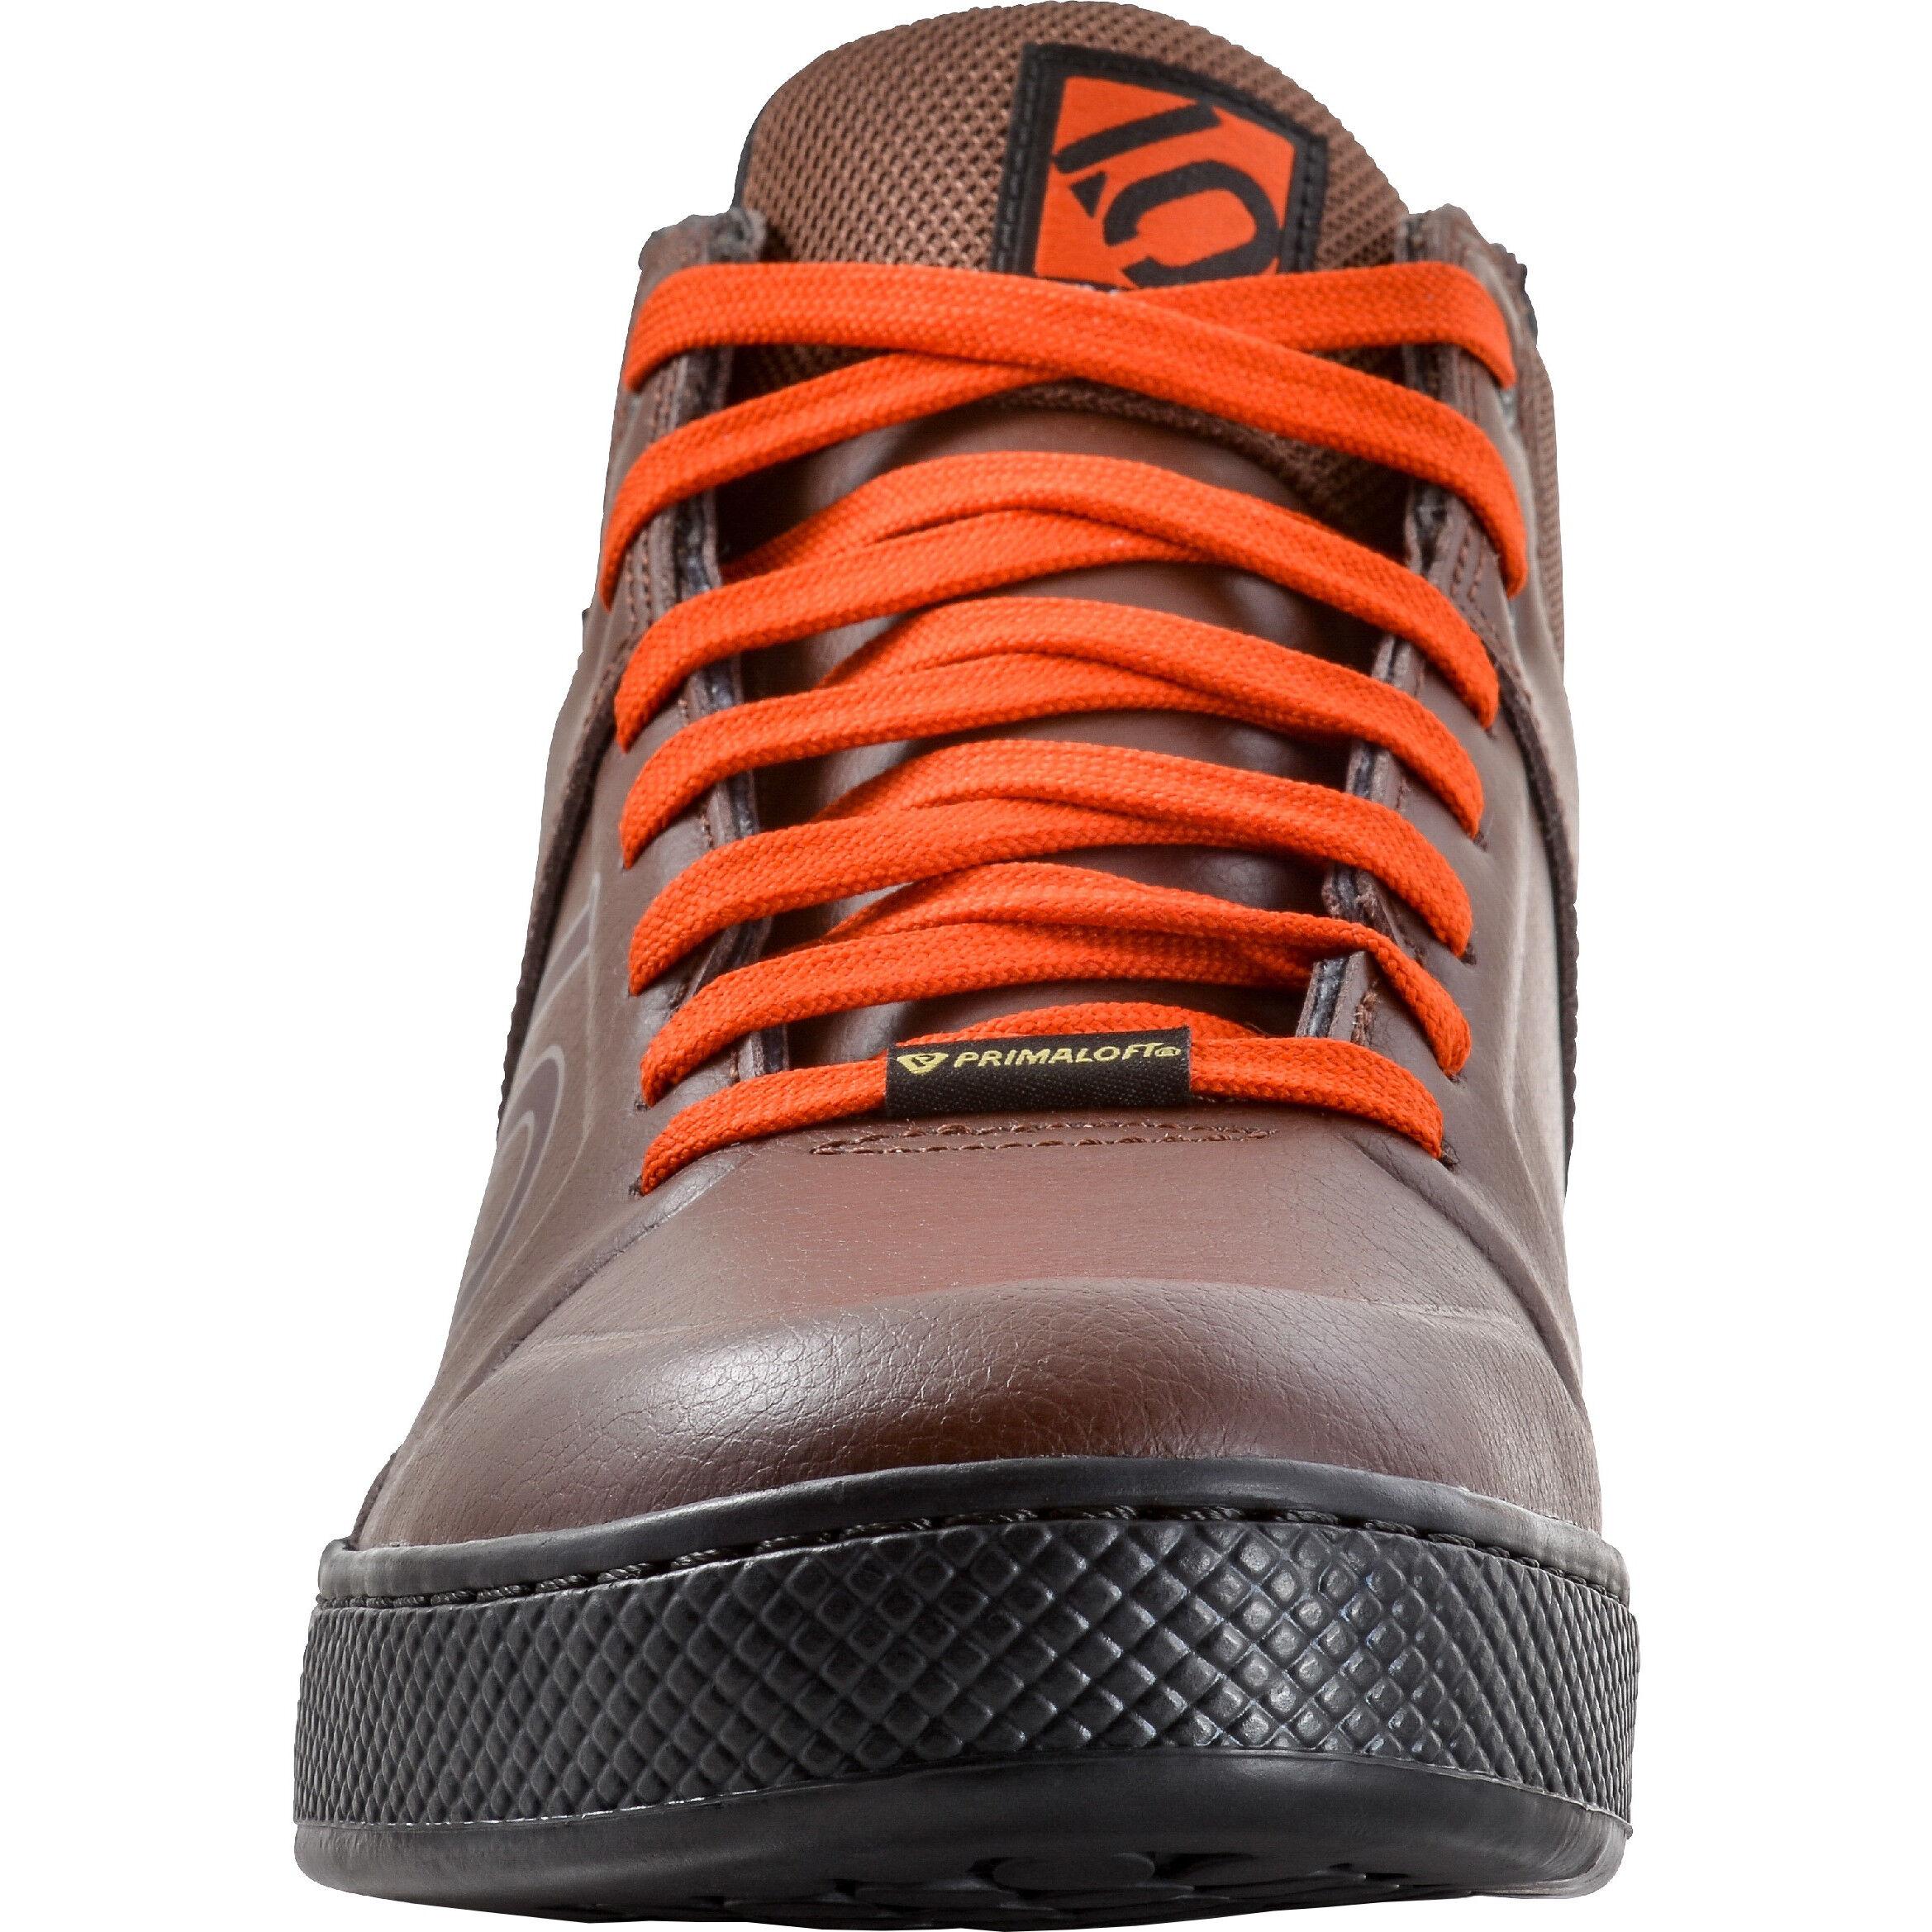 Schuhe Adidas Adidas Schuhe Trekking Trekking Primaloft Primaloft Schuhe Adidas Primaloft Trekking Adidas JclK13TF